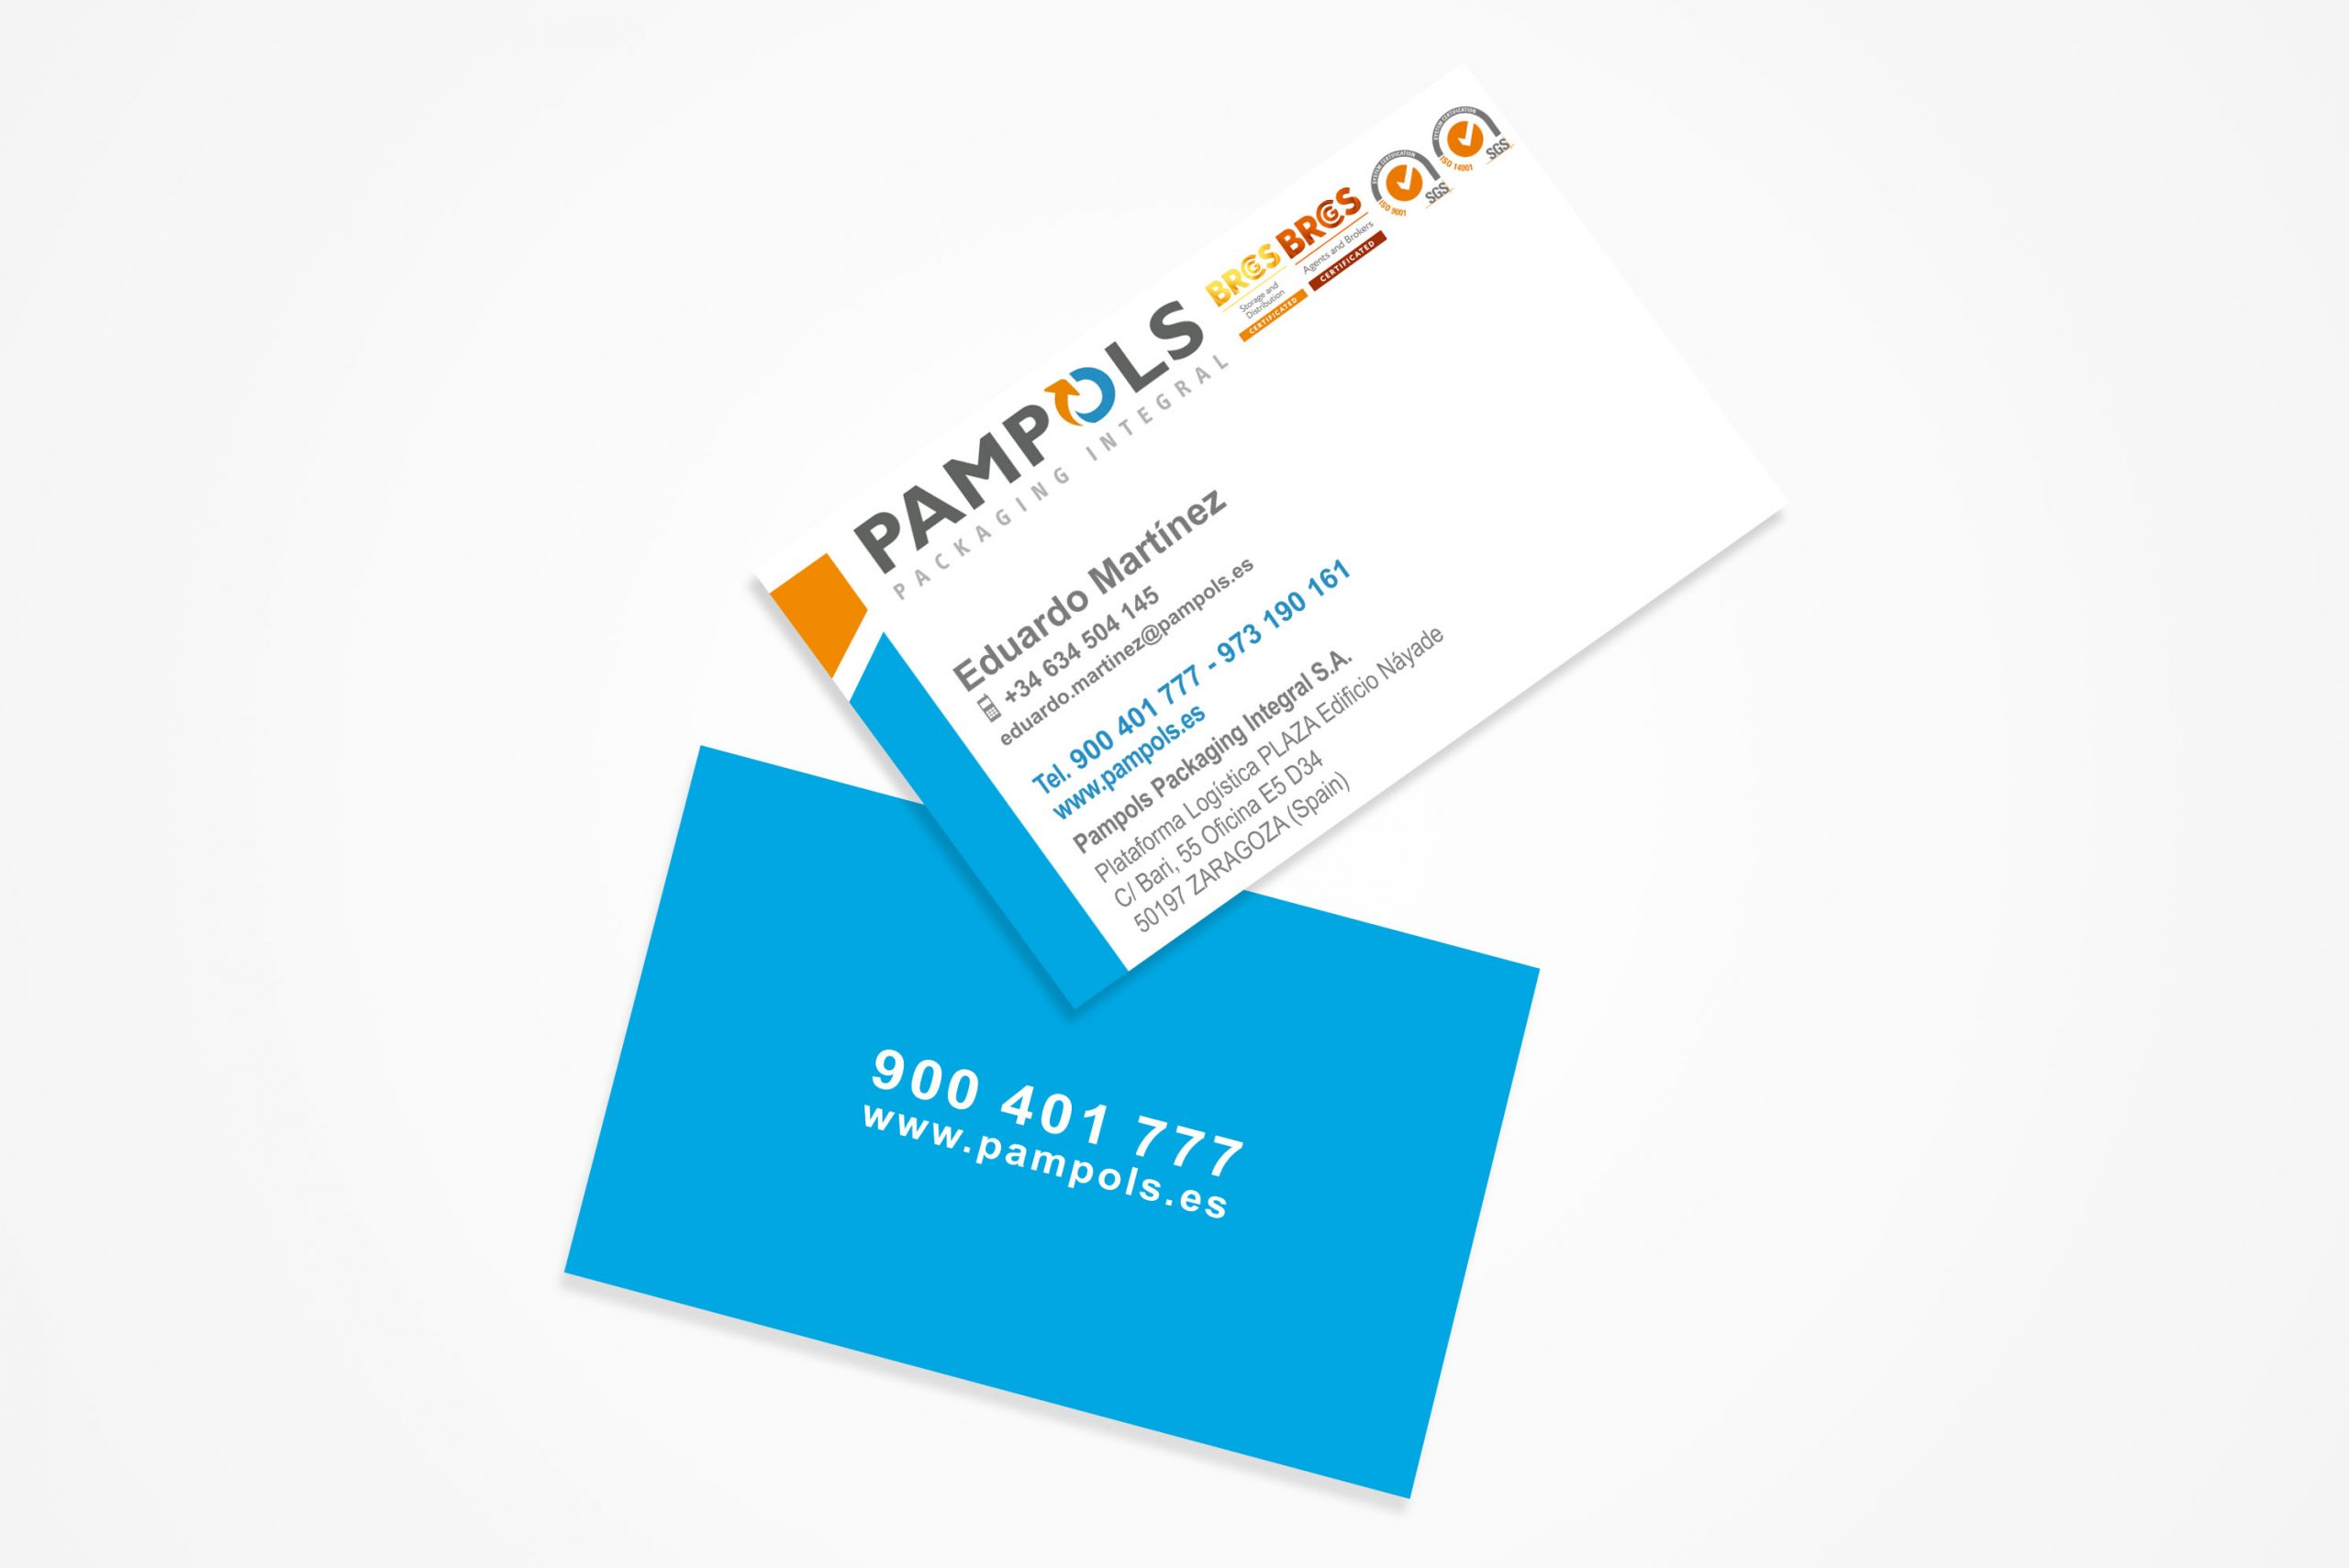 pampols